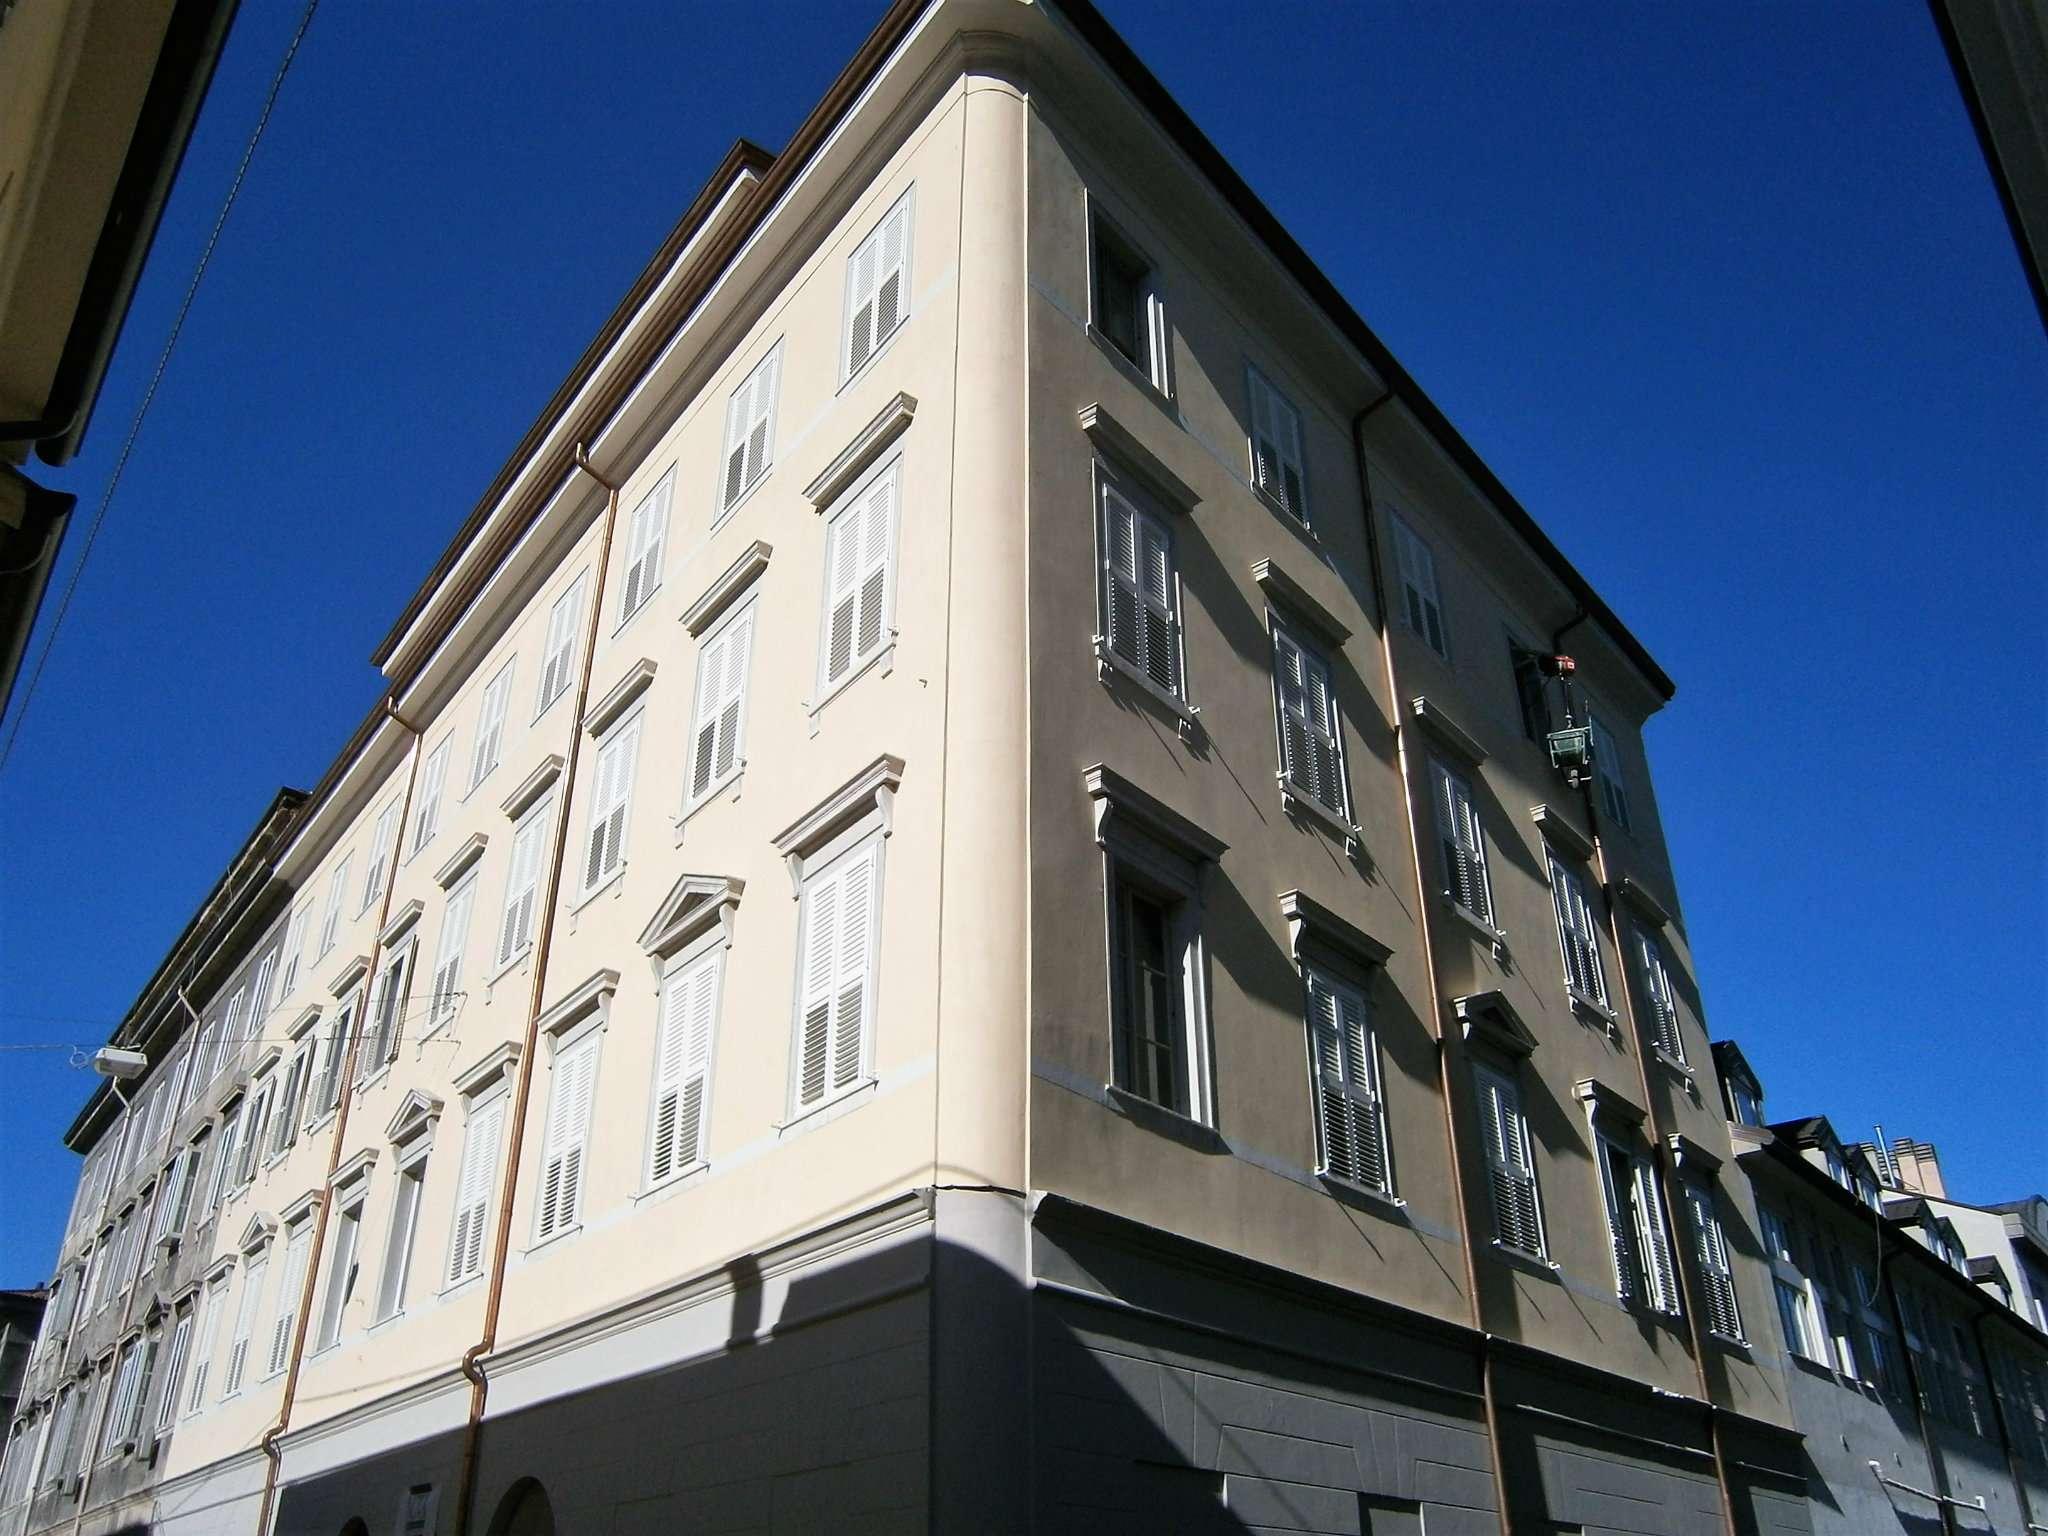 Appartamento in vendita a Trieste, 6 locali, prezzo € 370.000 | Cambio Casa.it